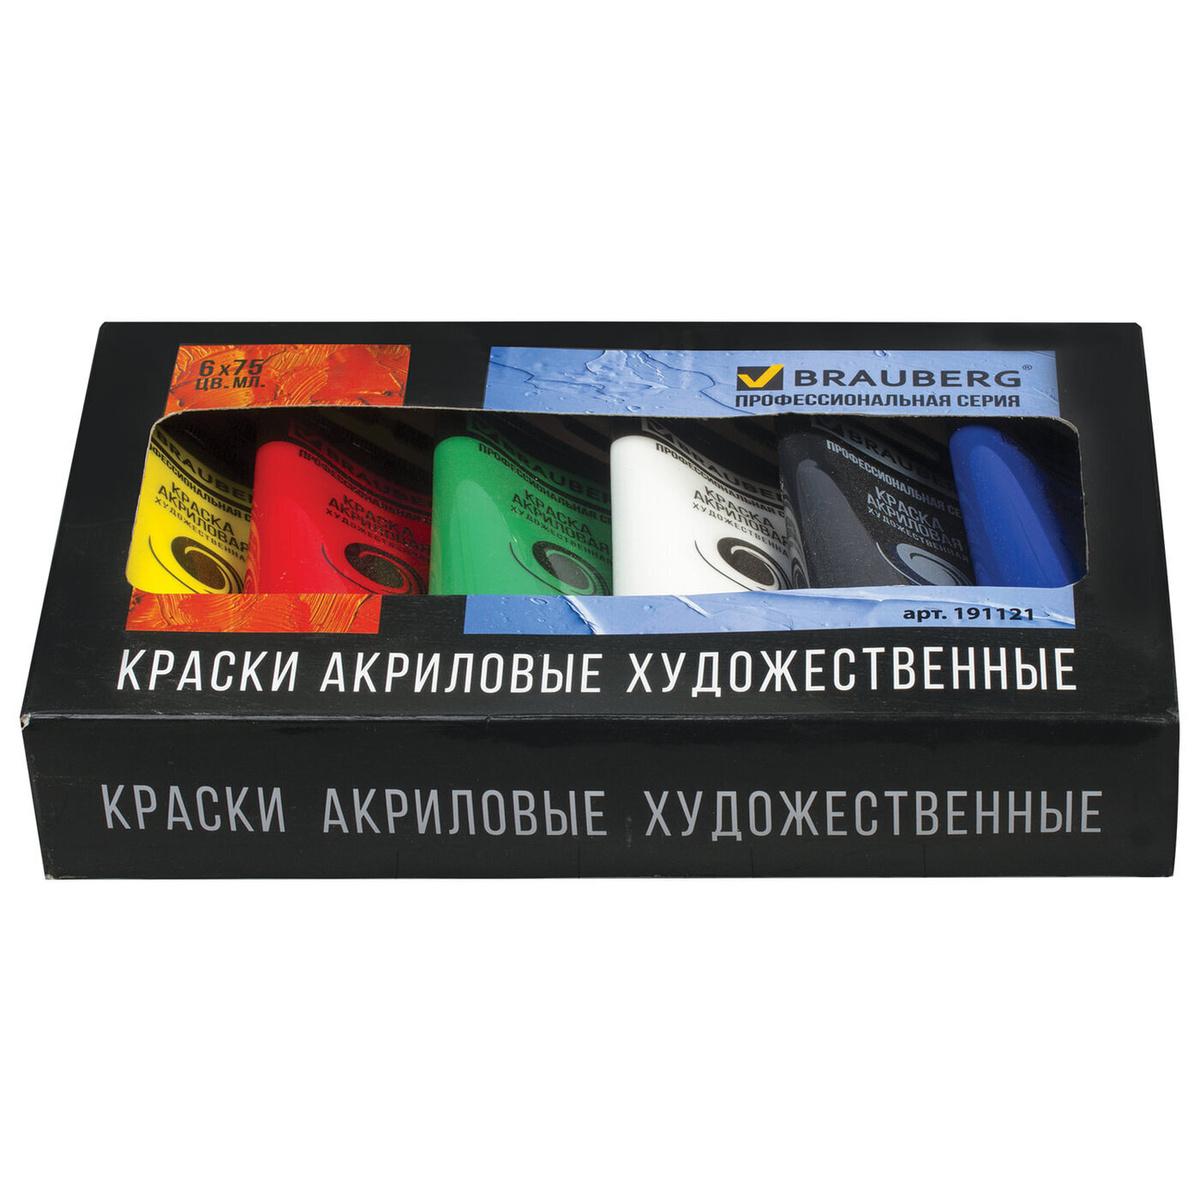 Краски акриловые художественные профессиональные в тубах для рисования, набор из 6 цветов по 75 мл, Brauberg #1